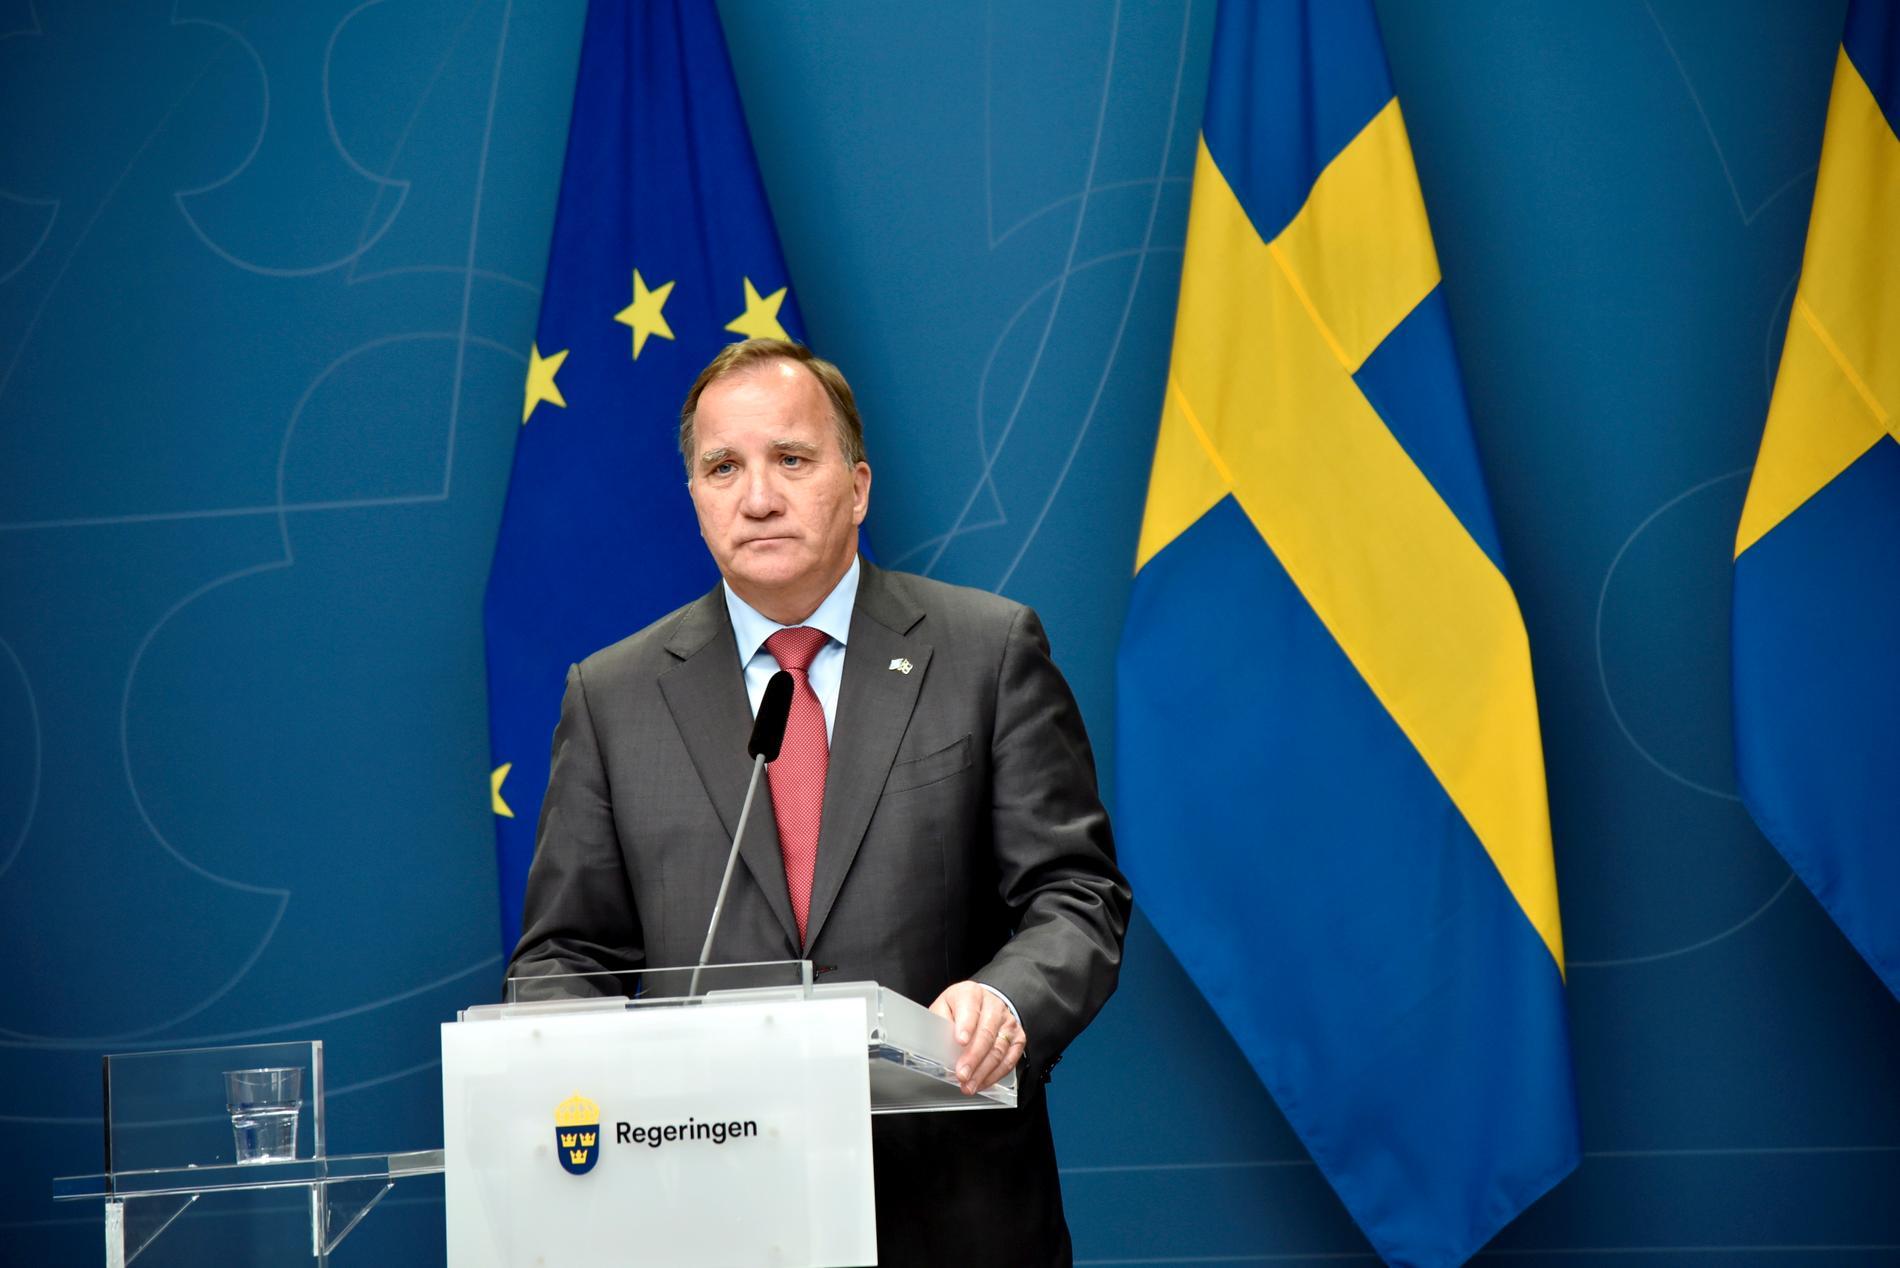 Statsminister Stefan Löfven (S) kan röstas bort på måndag förmiddag. Arkivbild